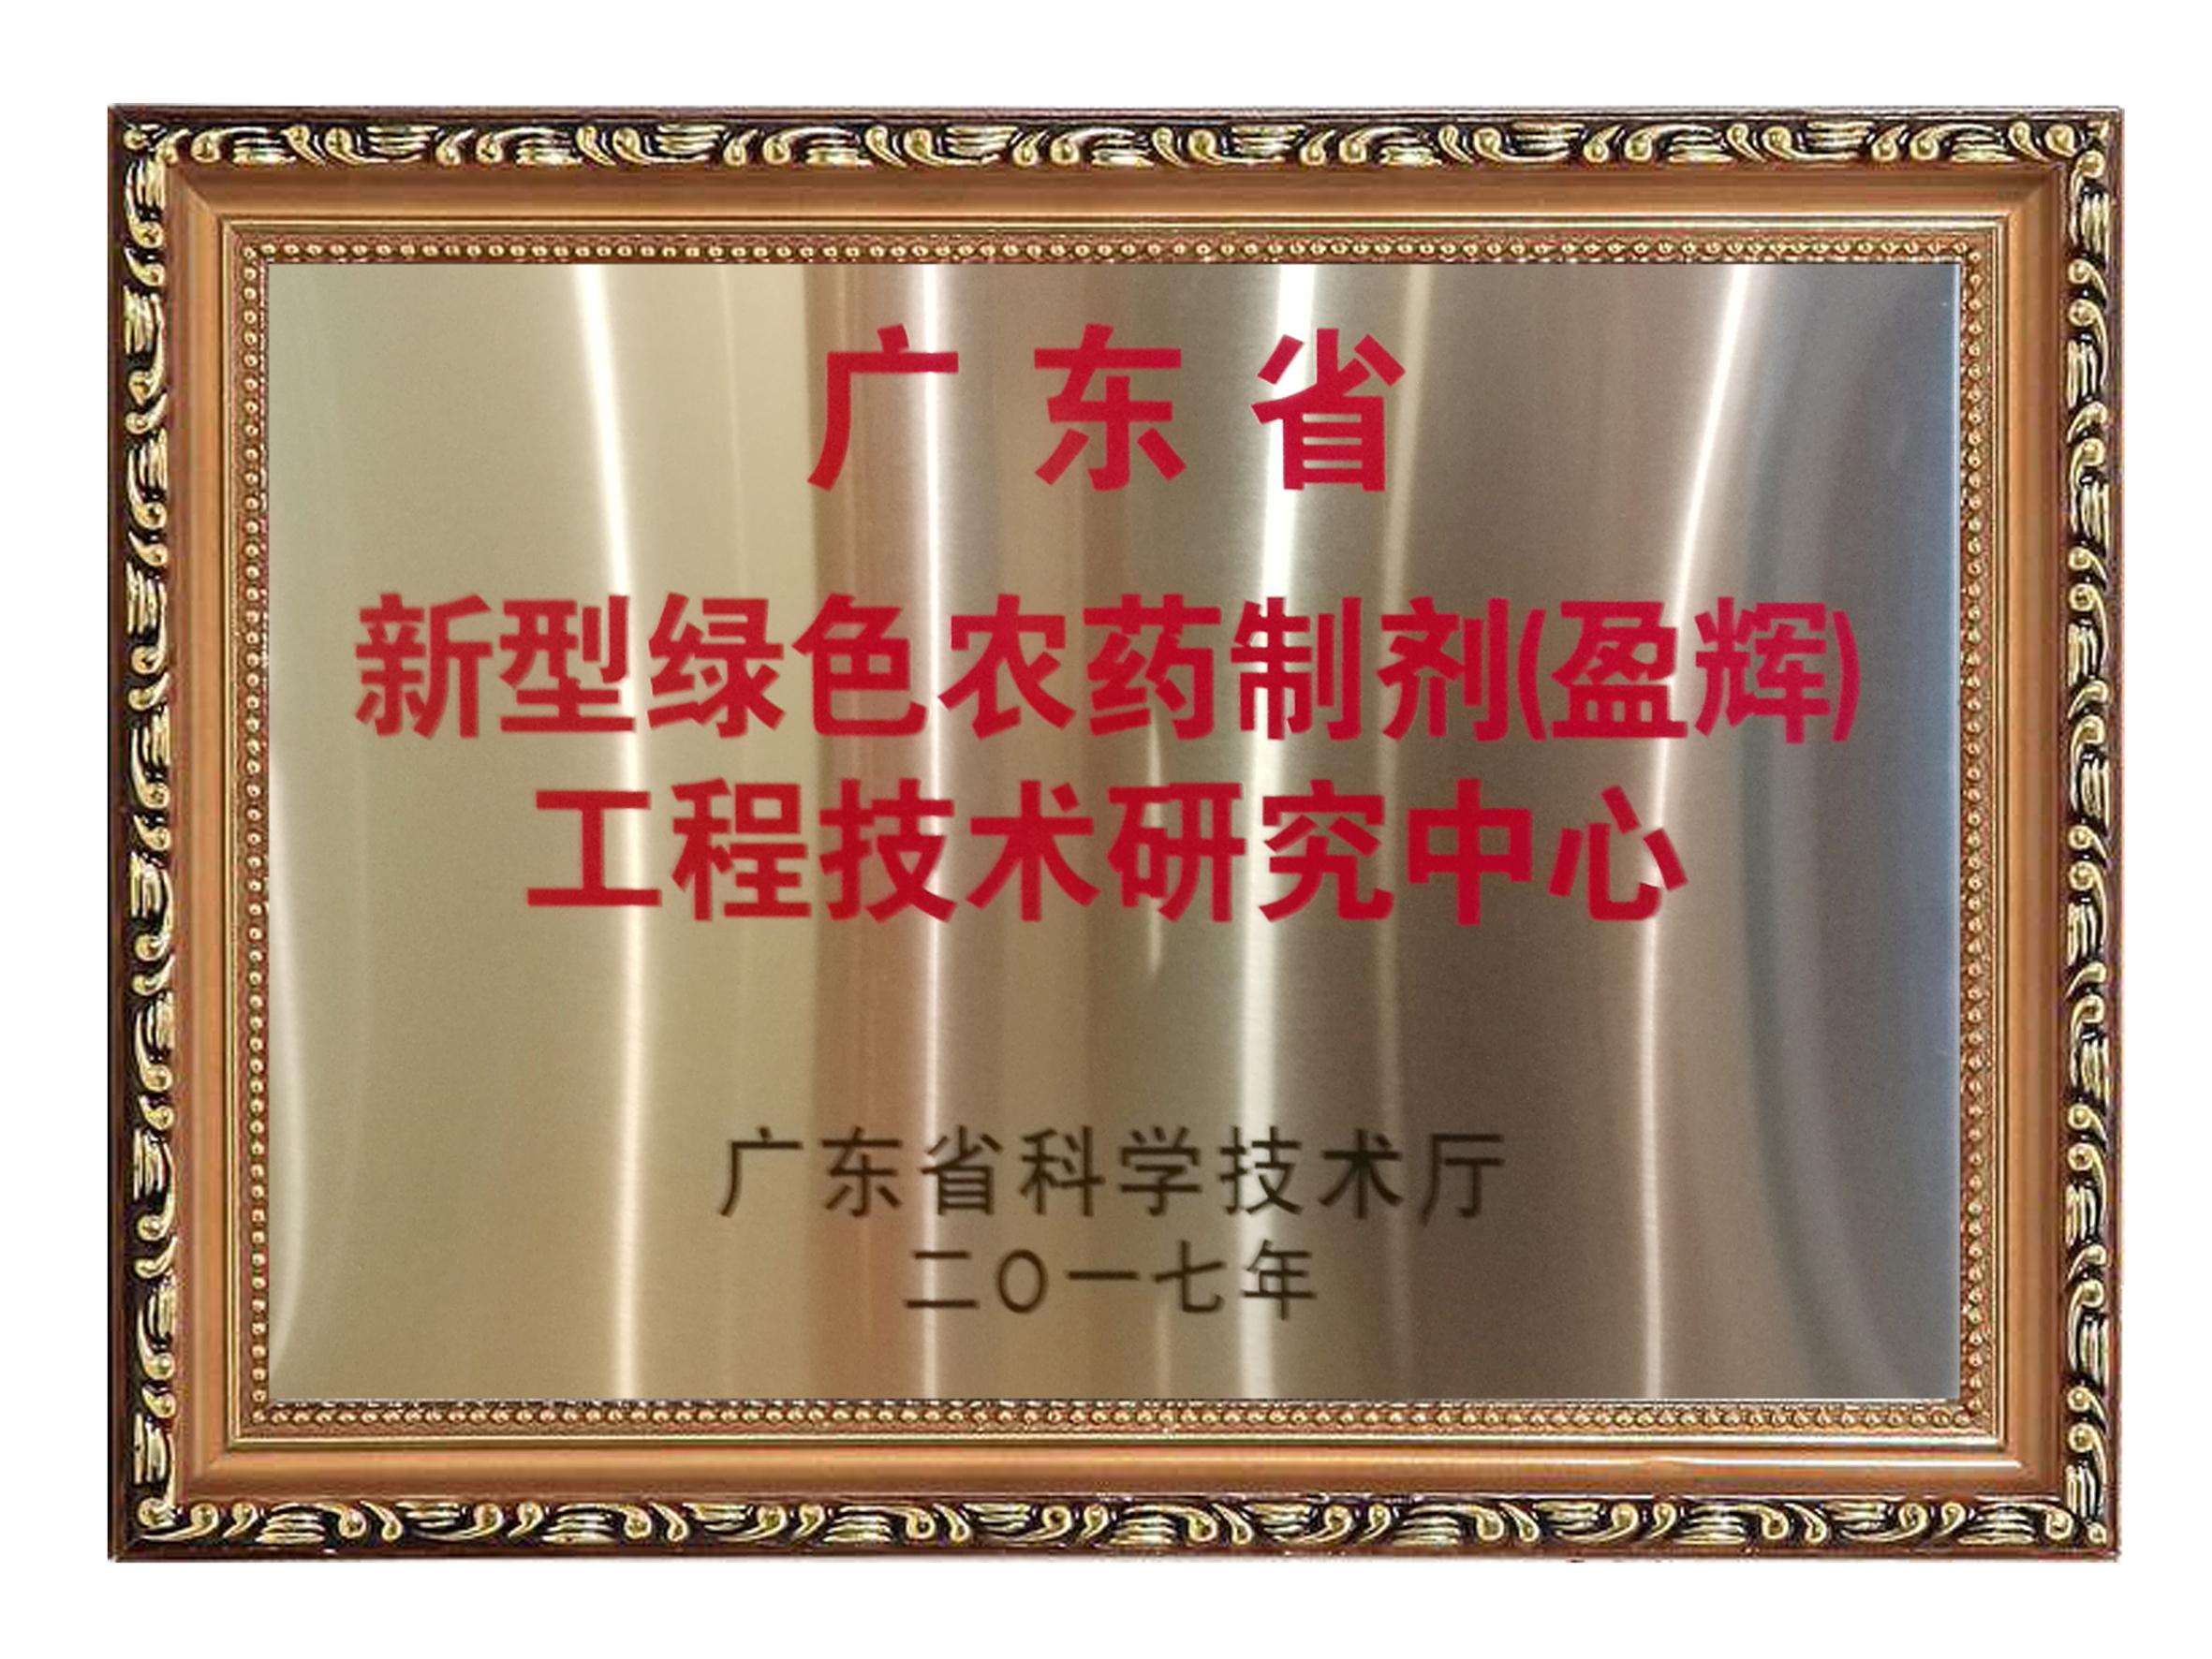 2017广东省工程技术研究中心牌匾